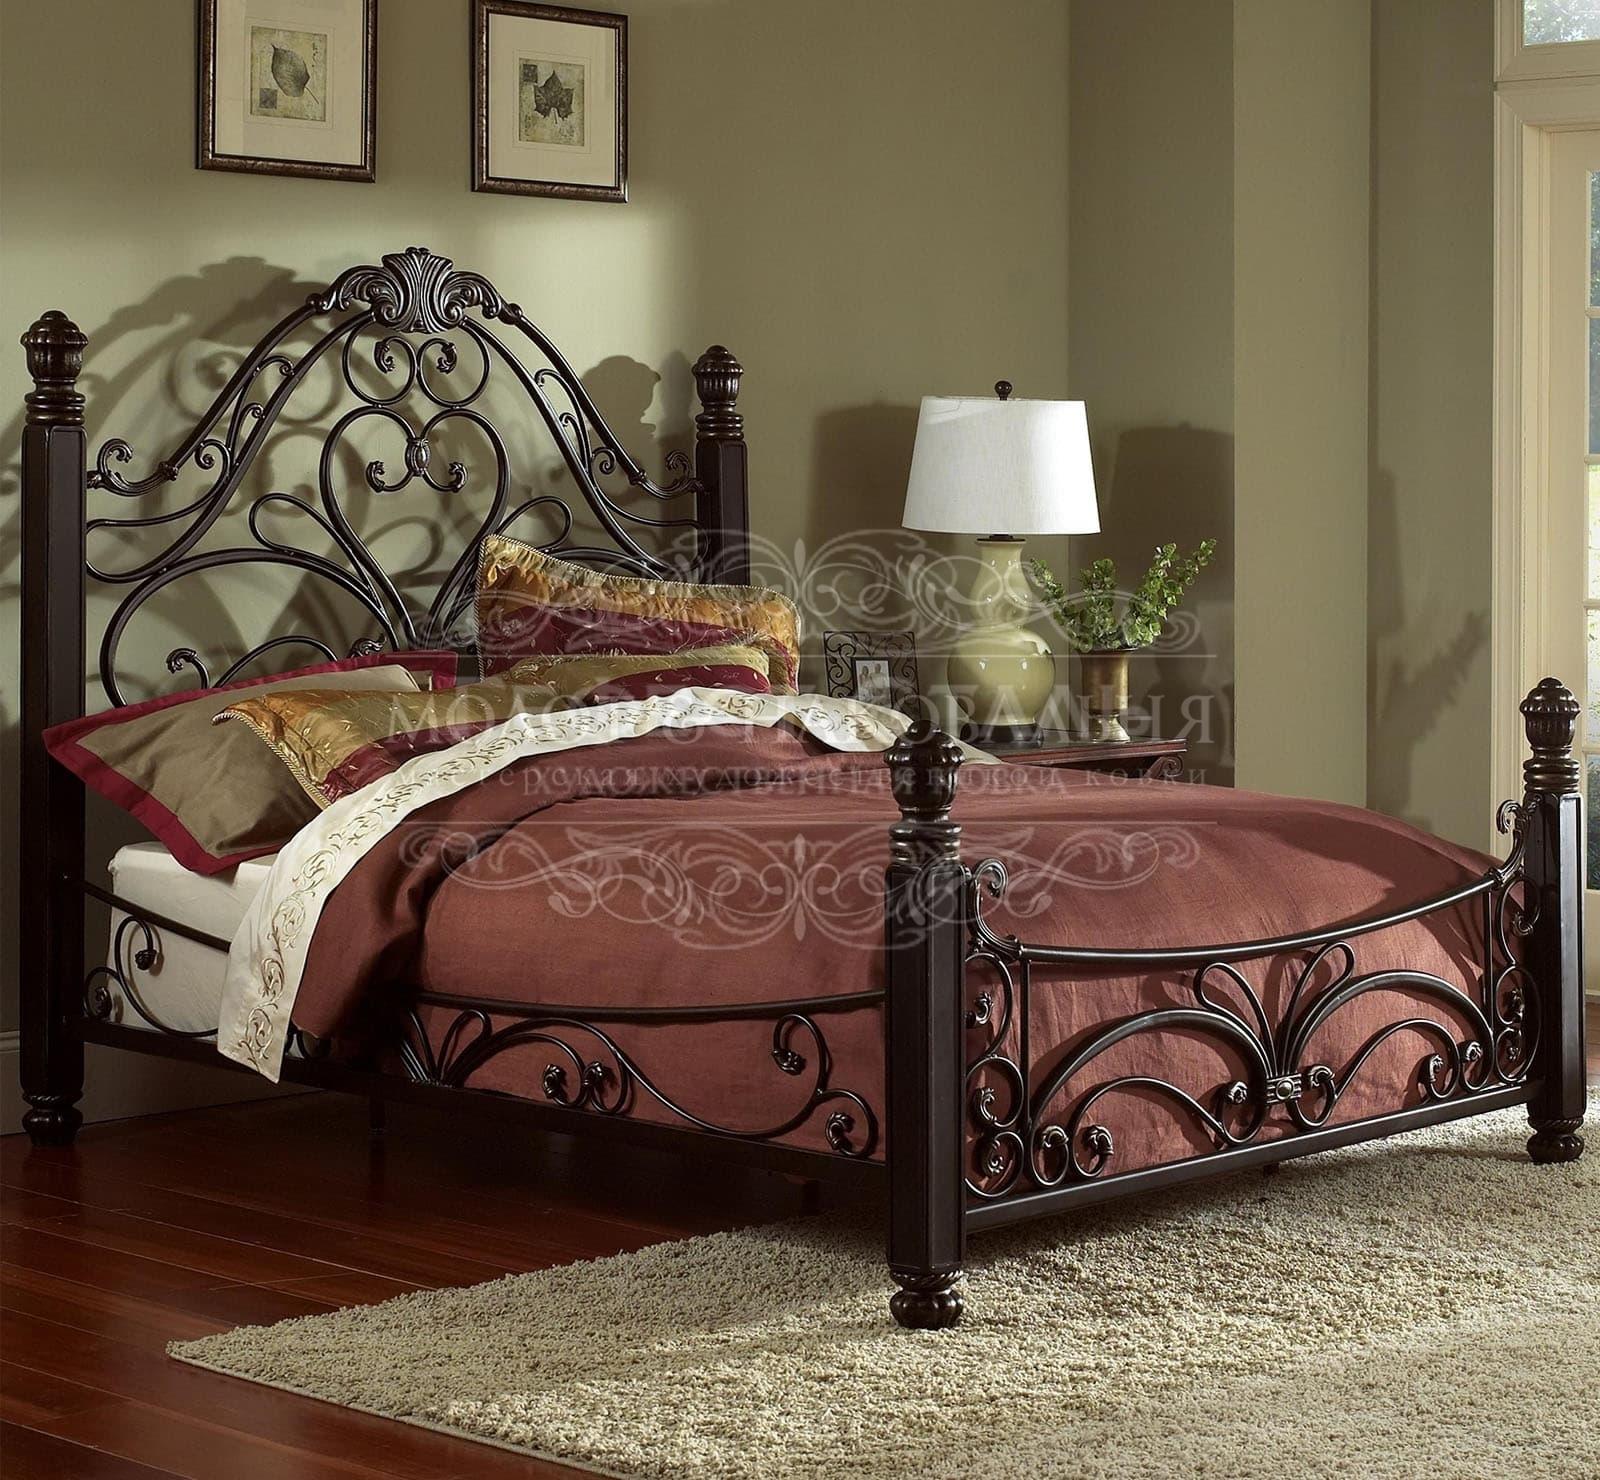 Кровать К-007 с кованой спинкой и деревянным изножьем